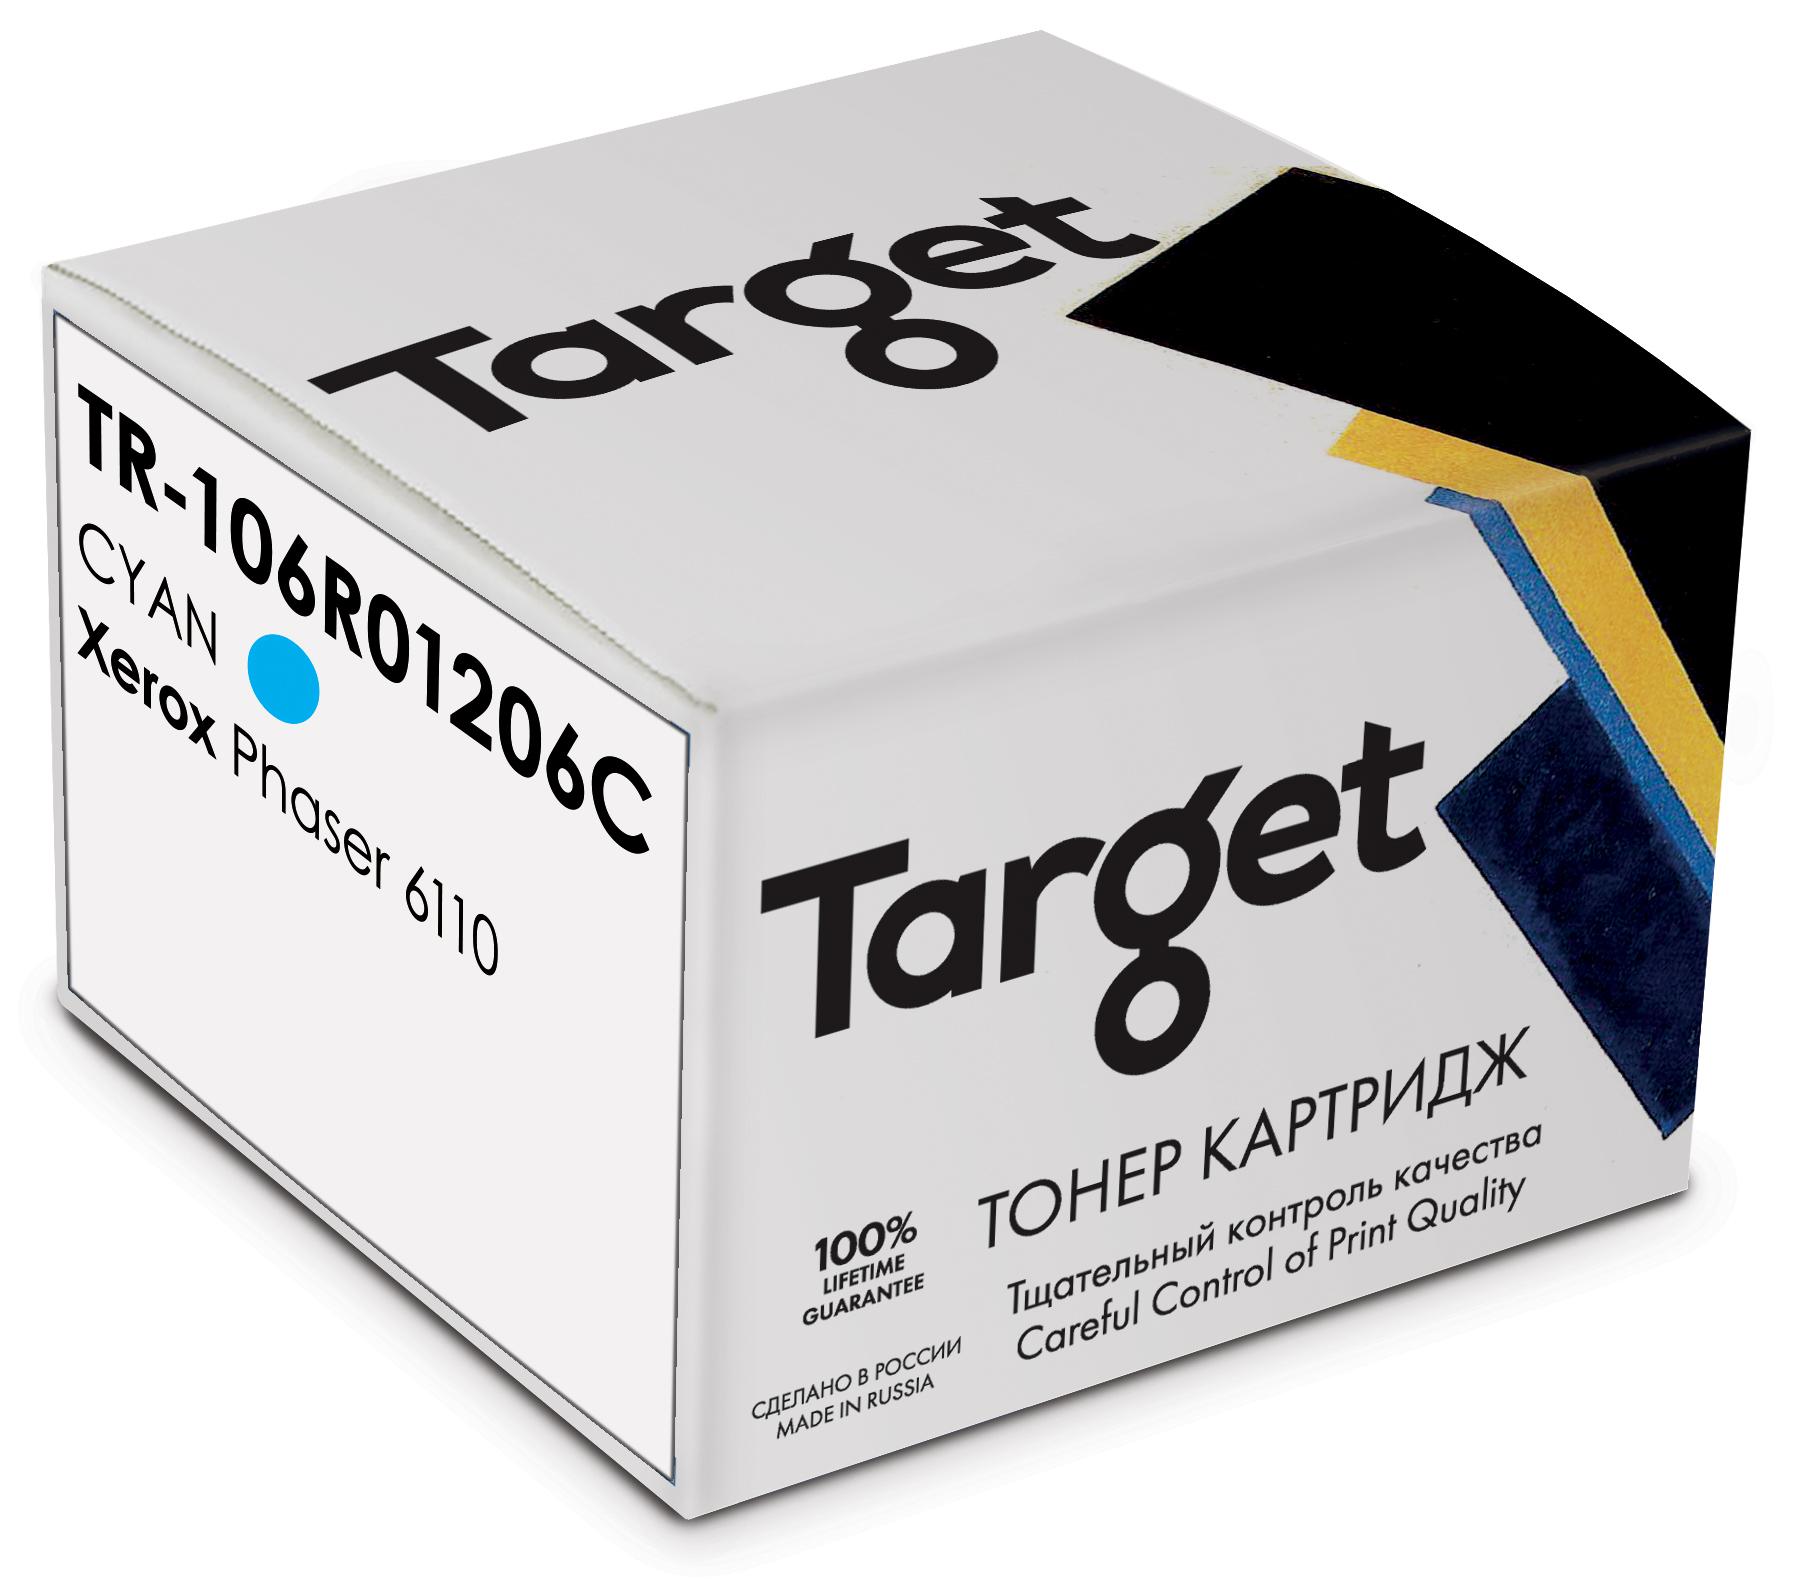 Тонер-картридж XEROX 106R01206C